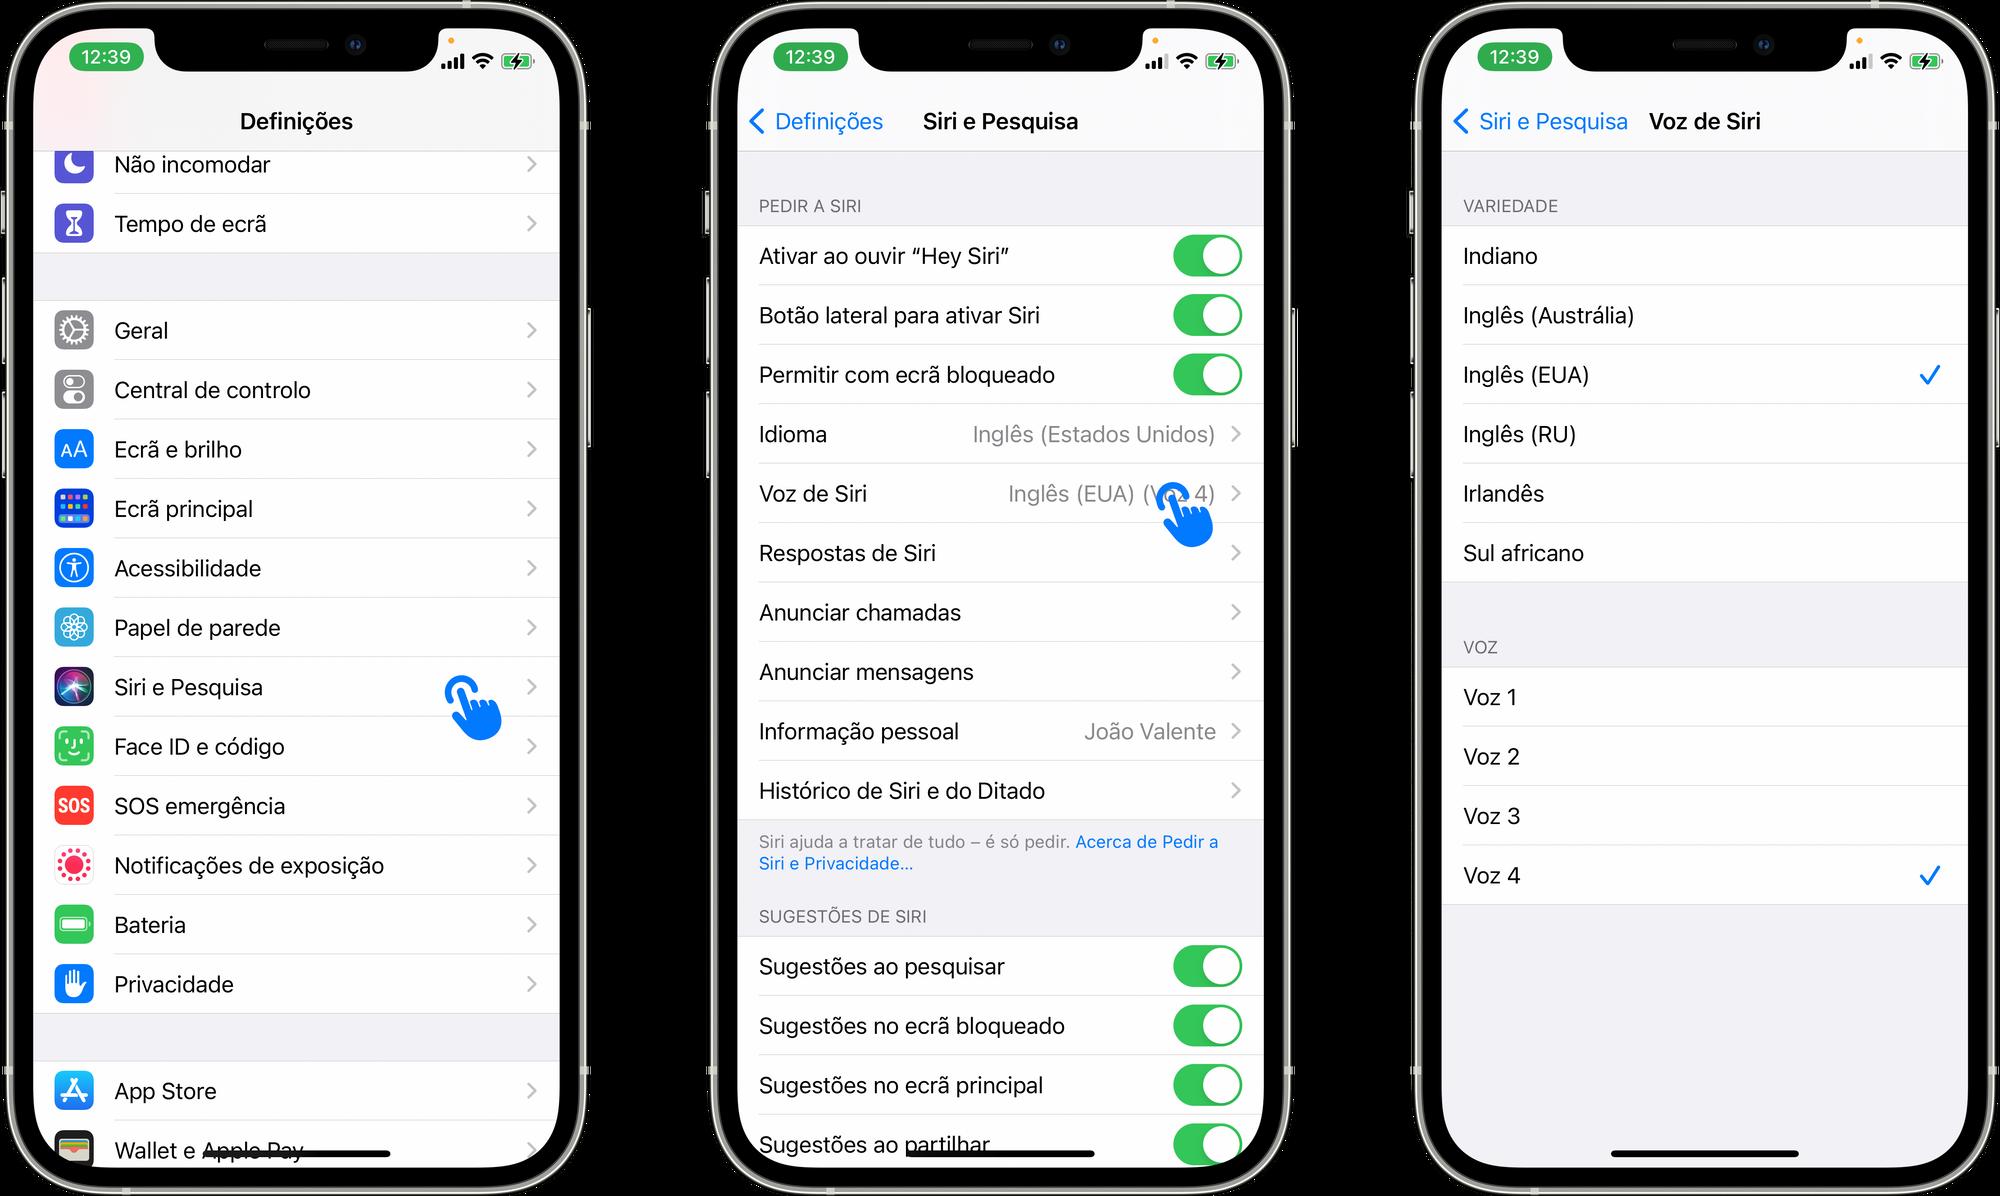 Alterar a voz ou variedade da Siri no iOS ou iPadOS